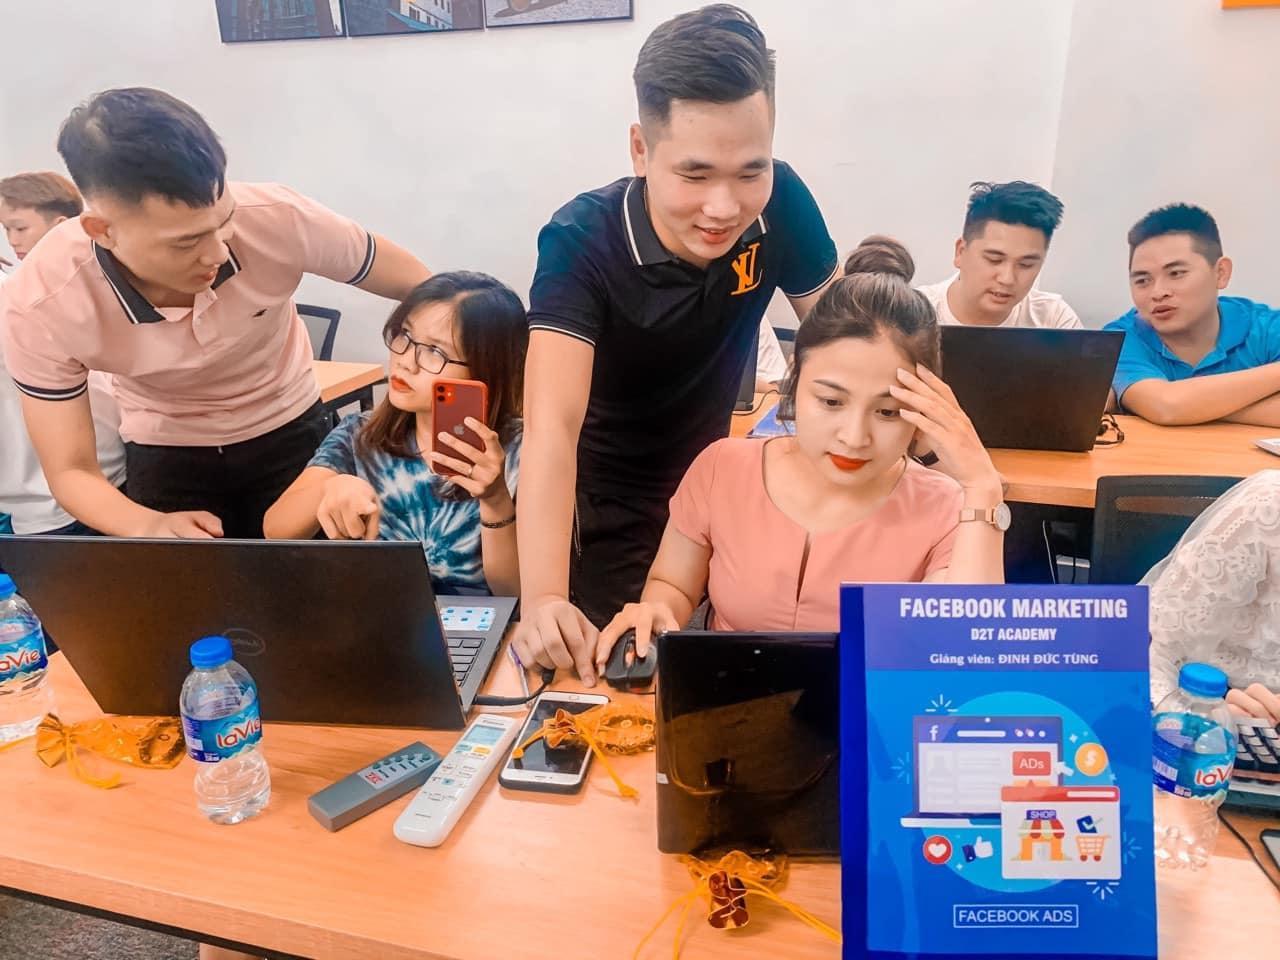 Thầy giáo Đinh Đức Tùng và chặng đường làm mới bản thân với học viện Facebook thực chiến - Ảnh 3